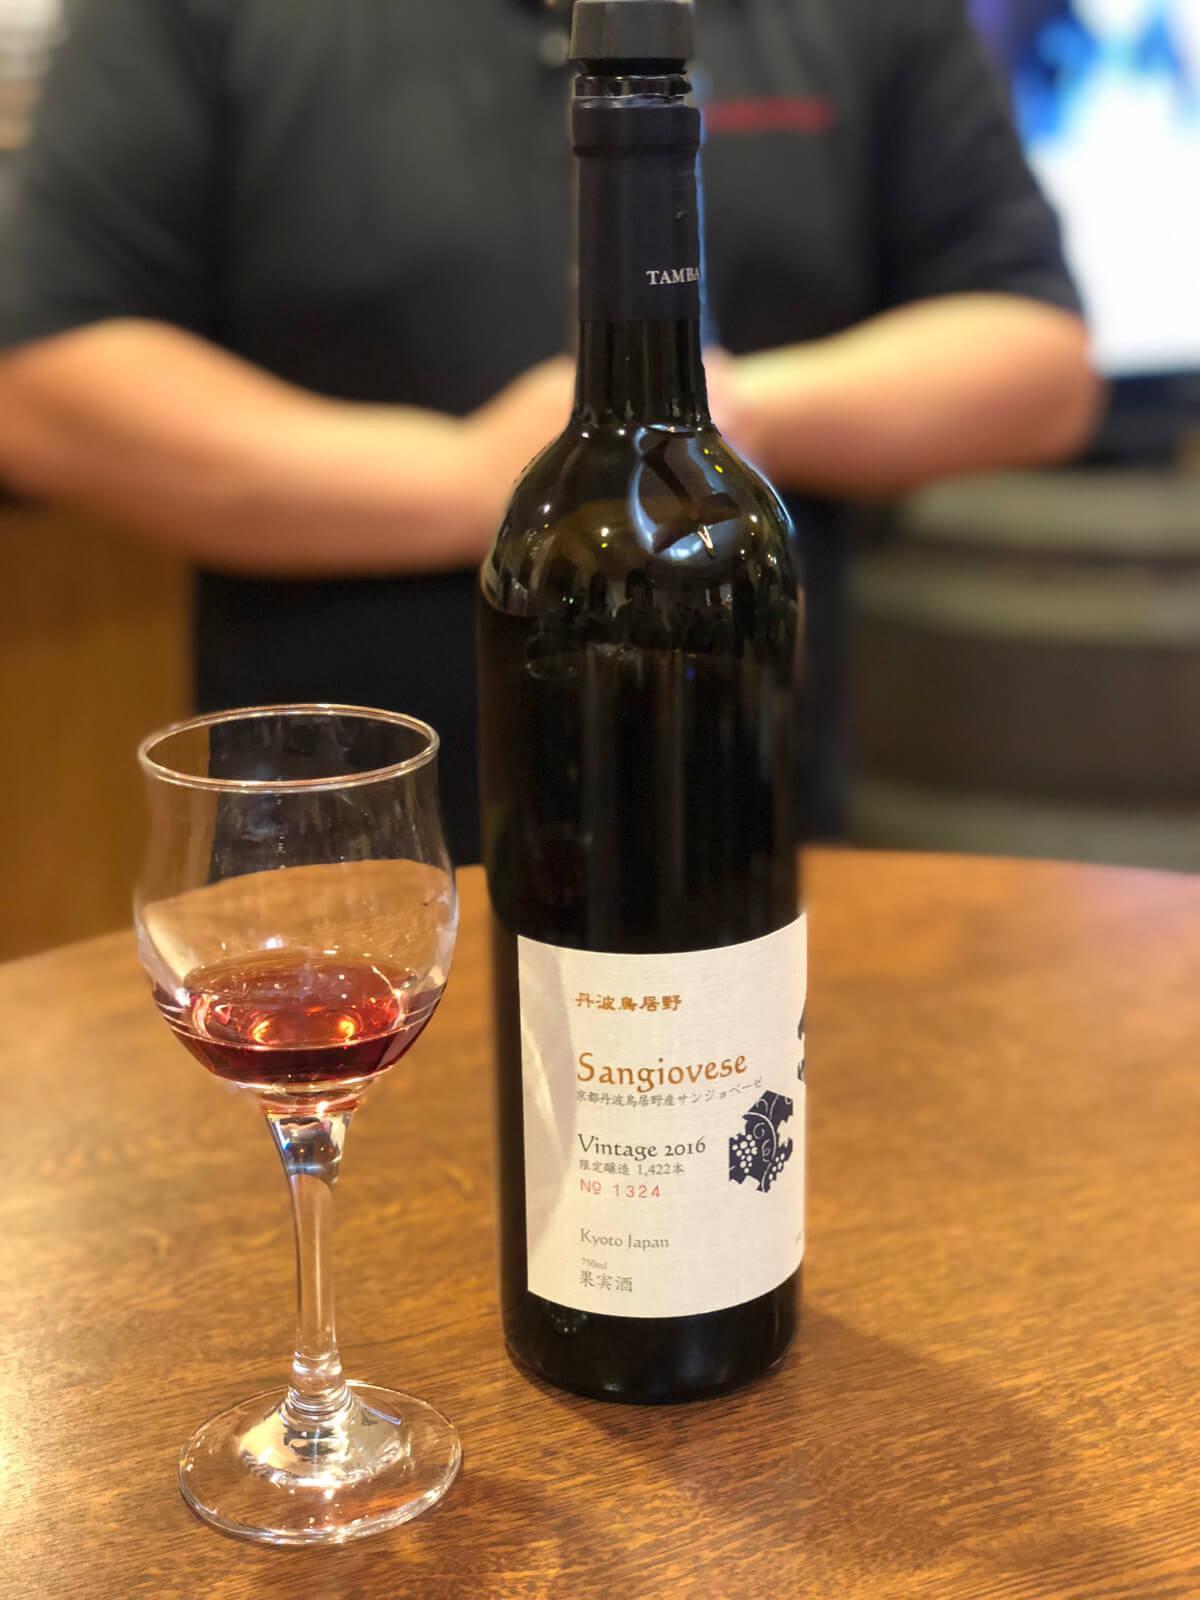 試飲3 京都 丹波ワイン kyoto tambawinne